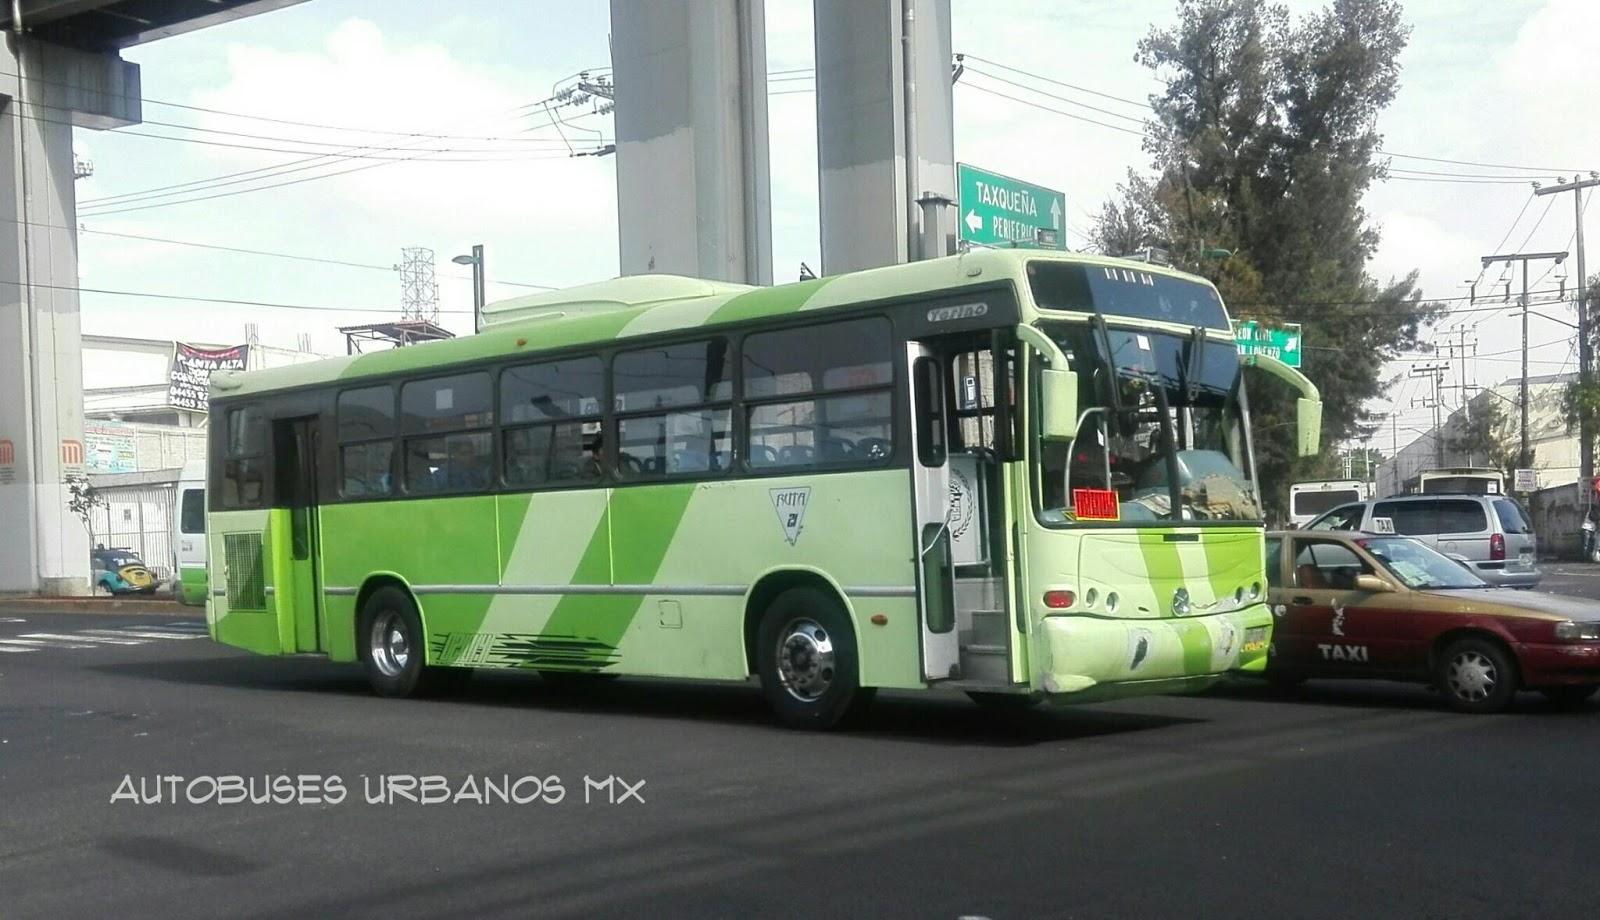 Marco Polo Torino : Autobuses urbanos ciudad de méxico mercedes benz